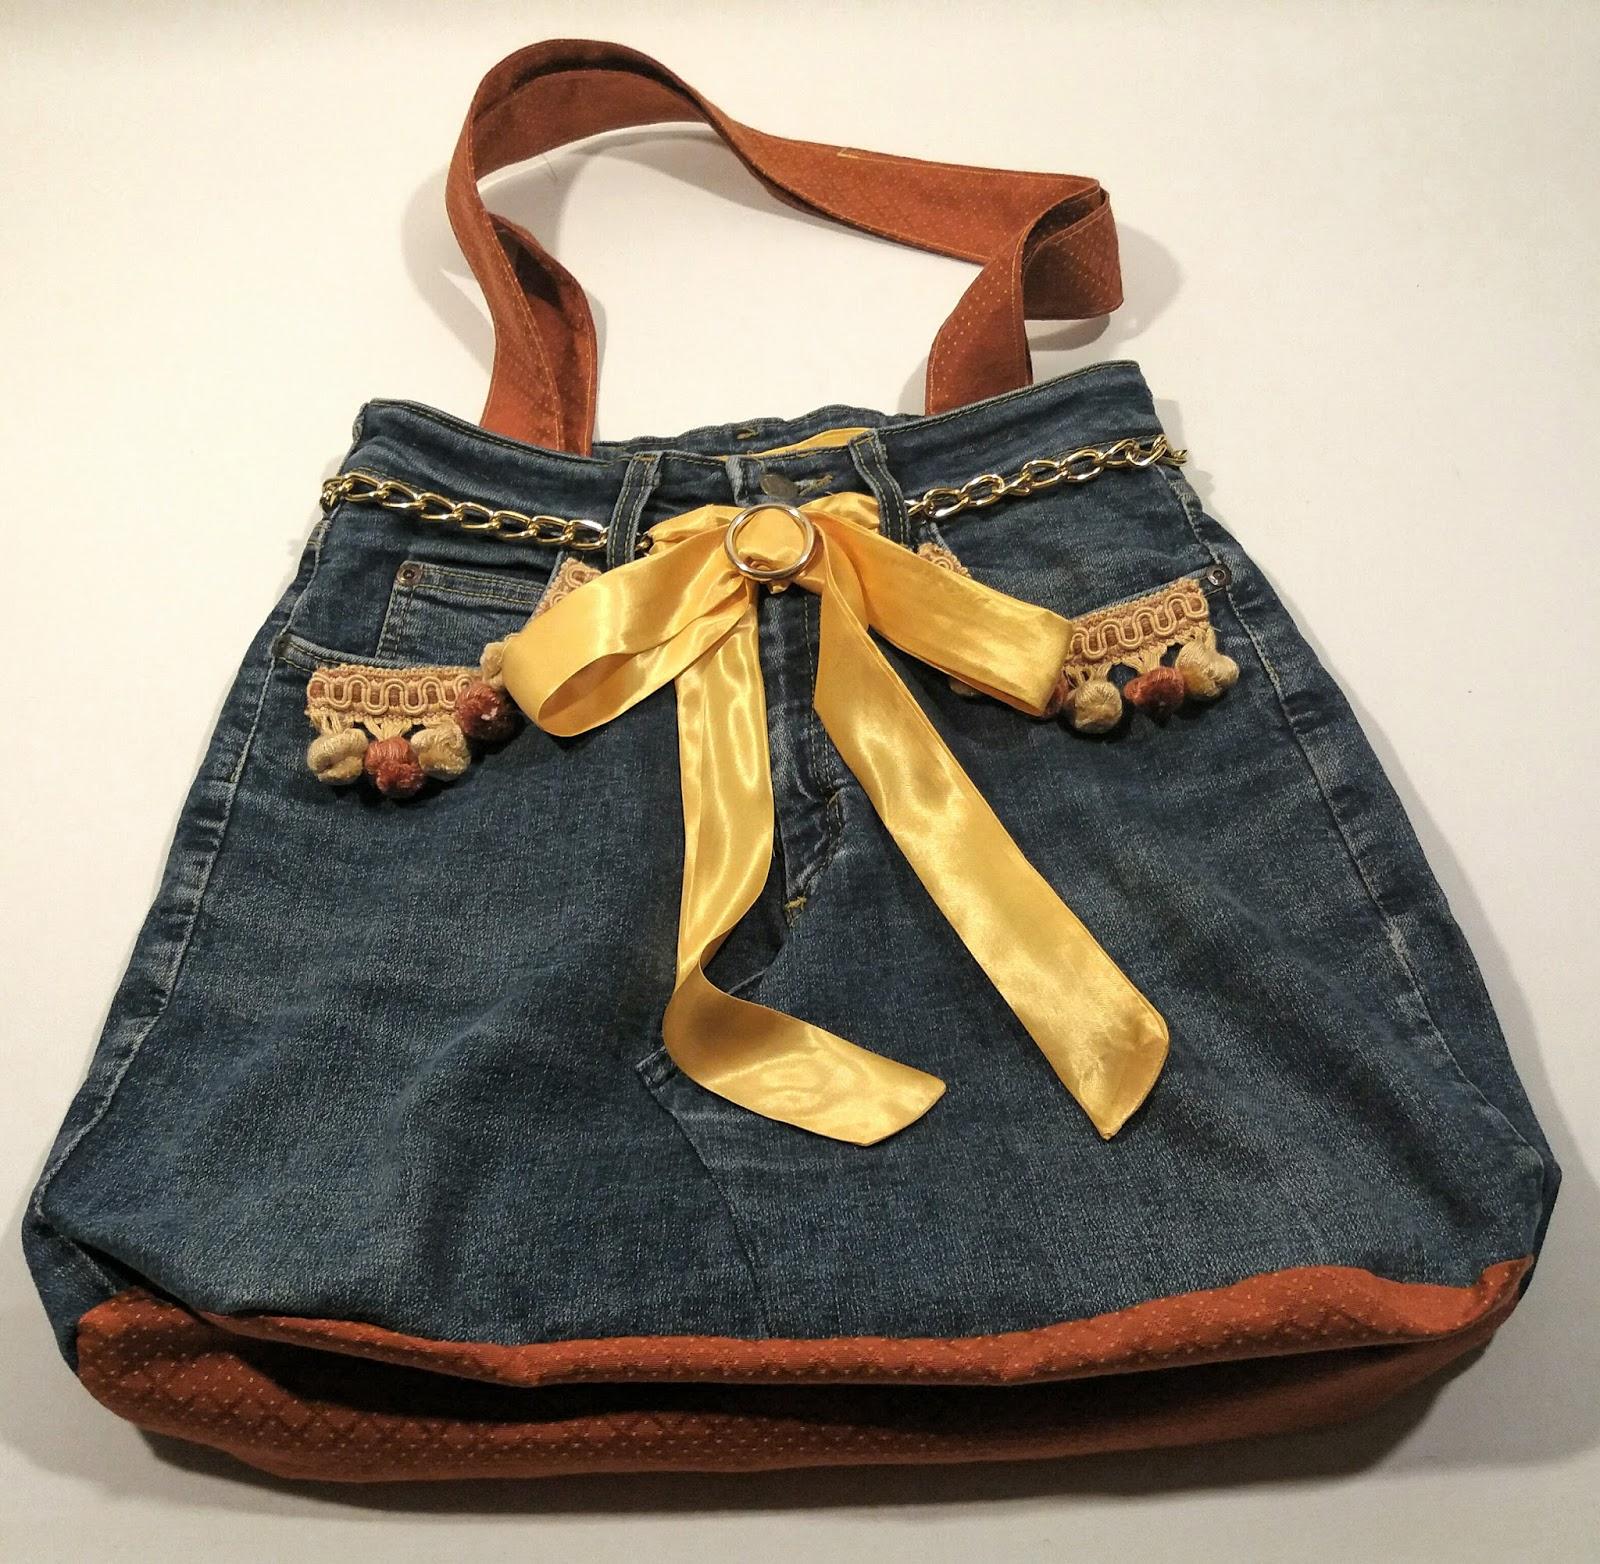 Borse Fatte A Mano Con I Jeans : Ecoartigianato borse jeans fatte a mano uniche e originali